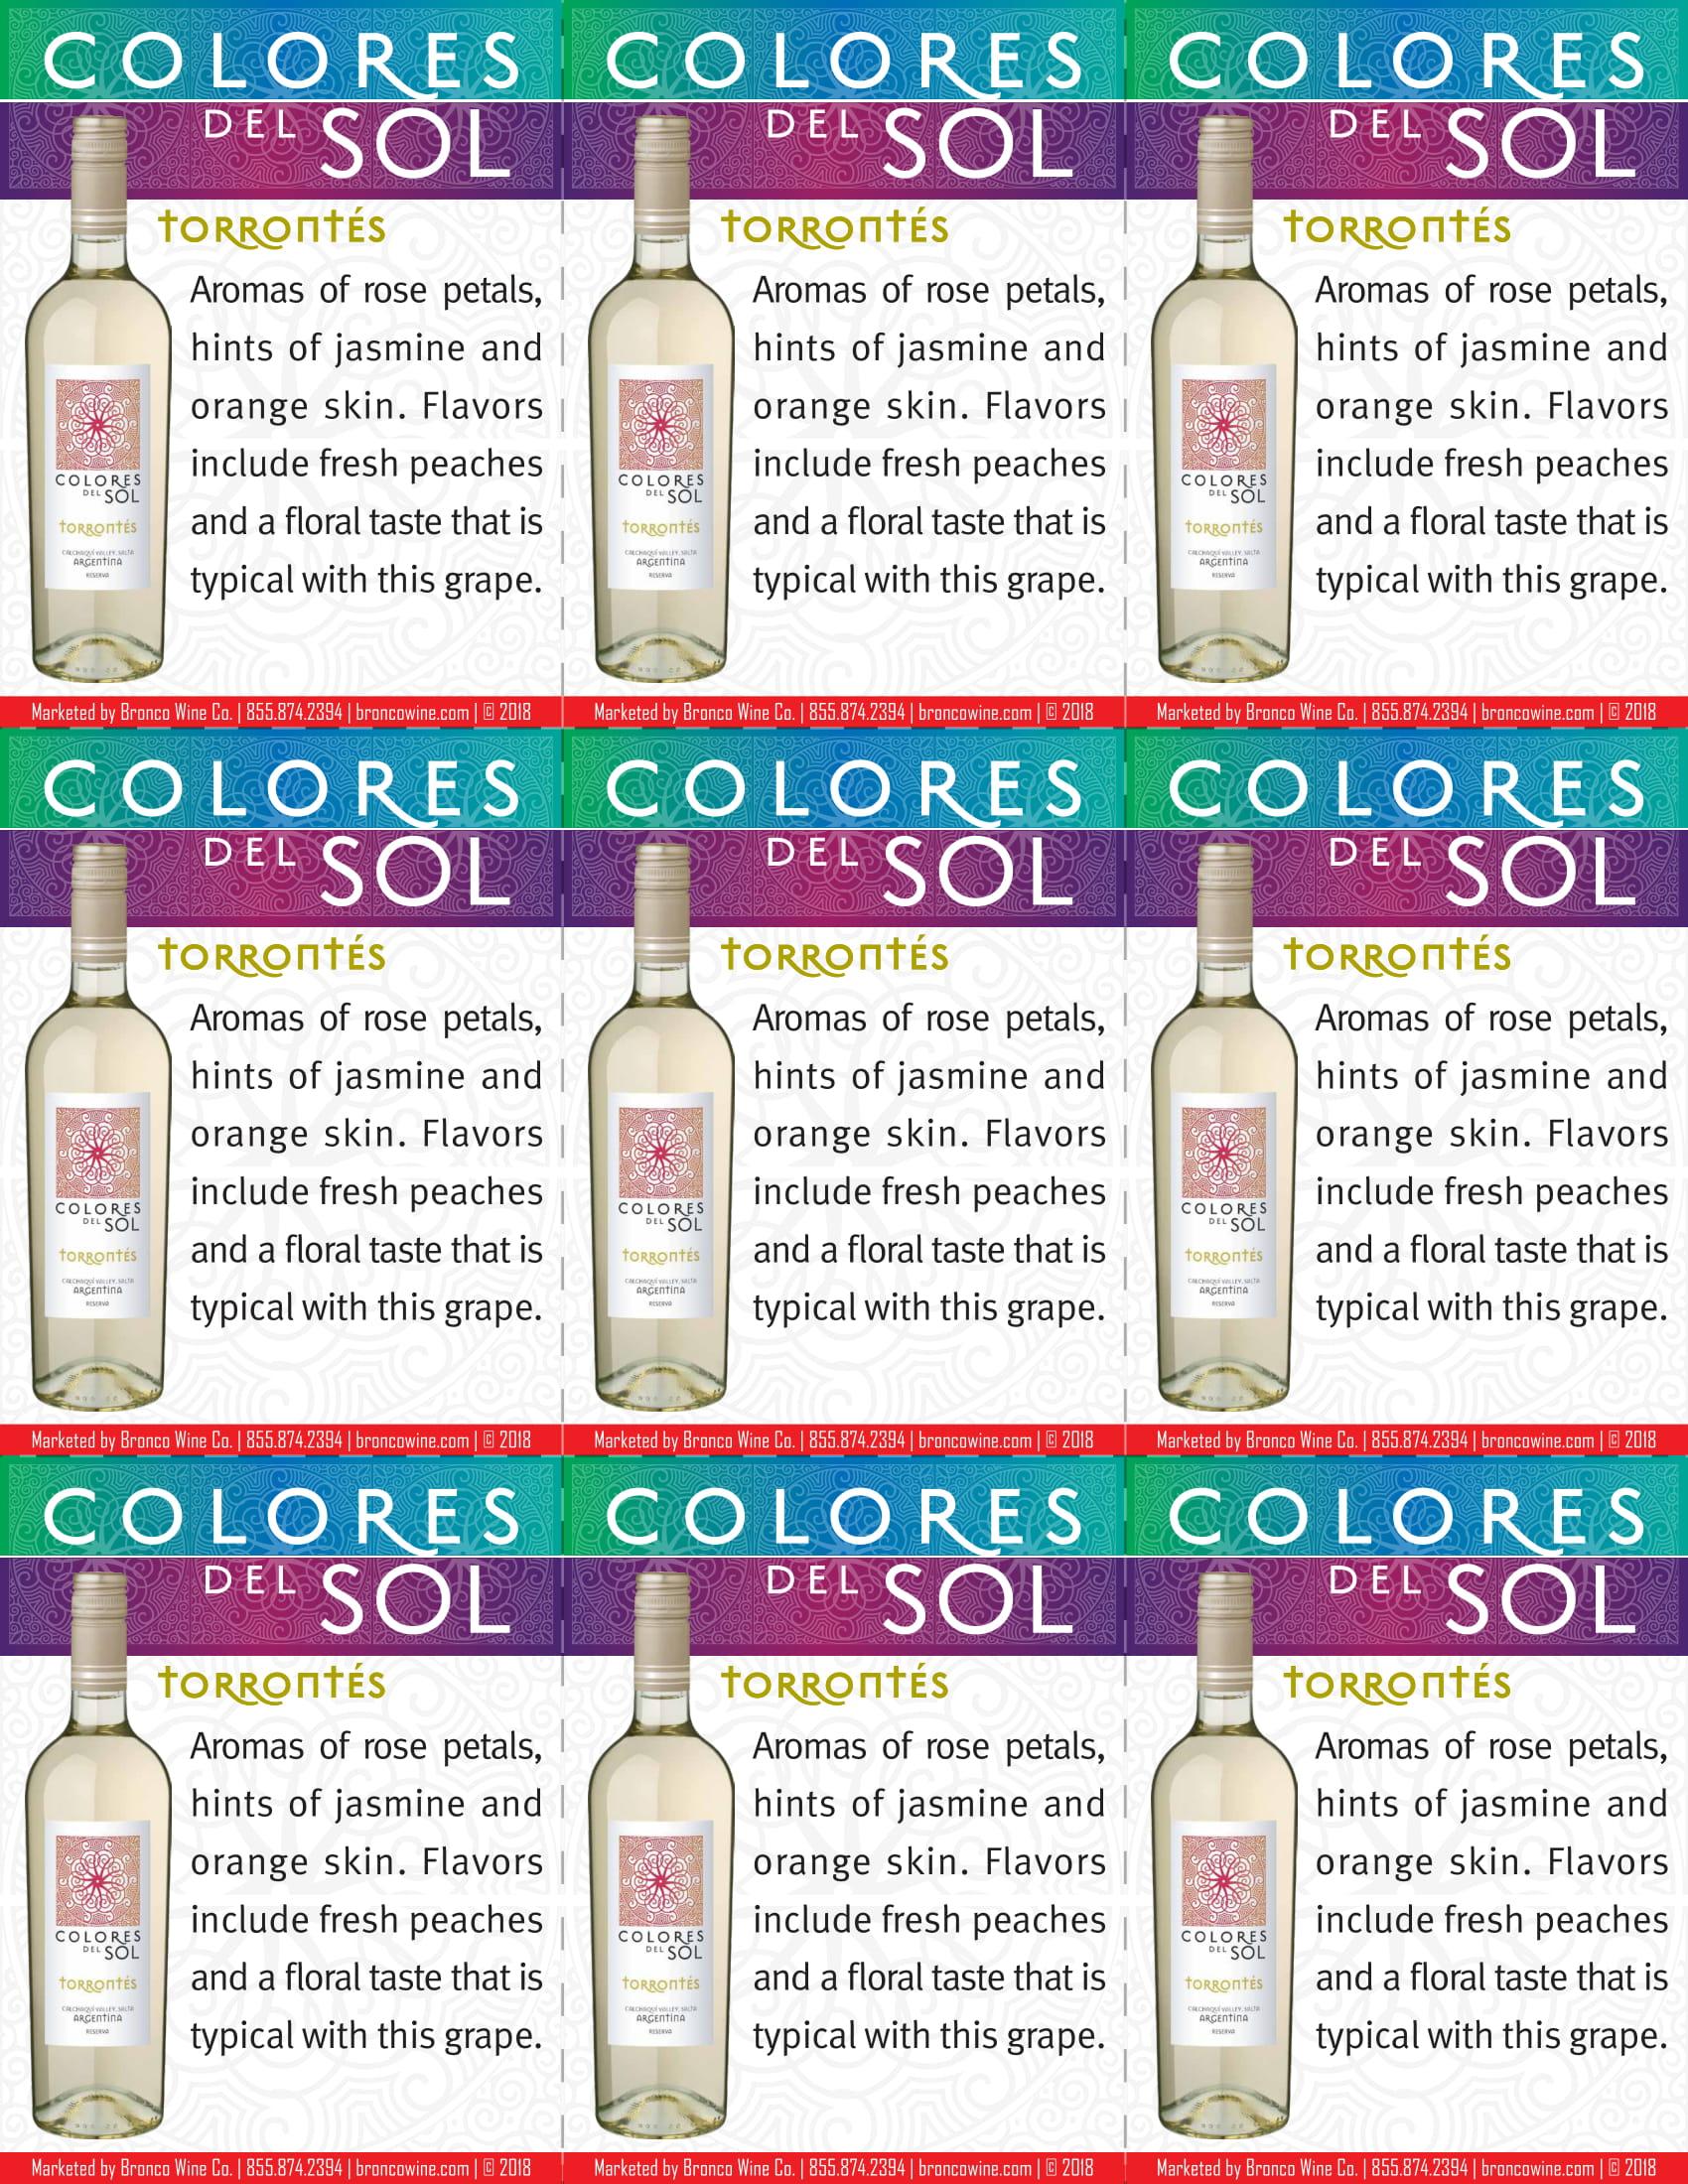 Colores Del Sol Torrontés Shelf Talkers